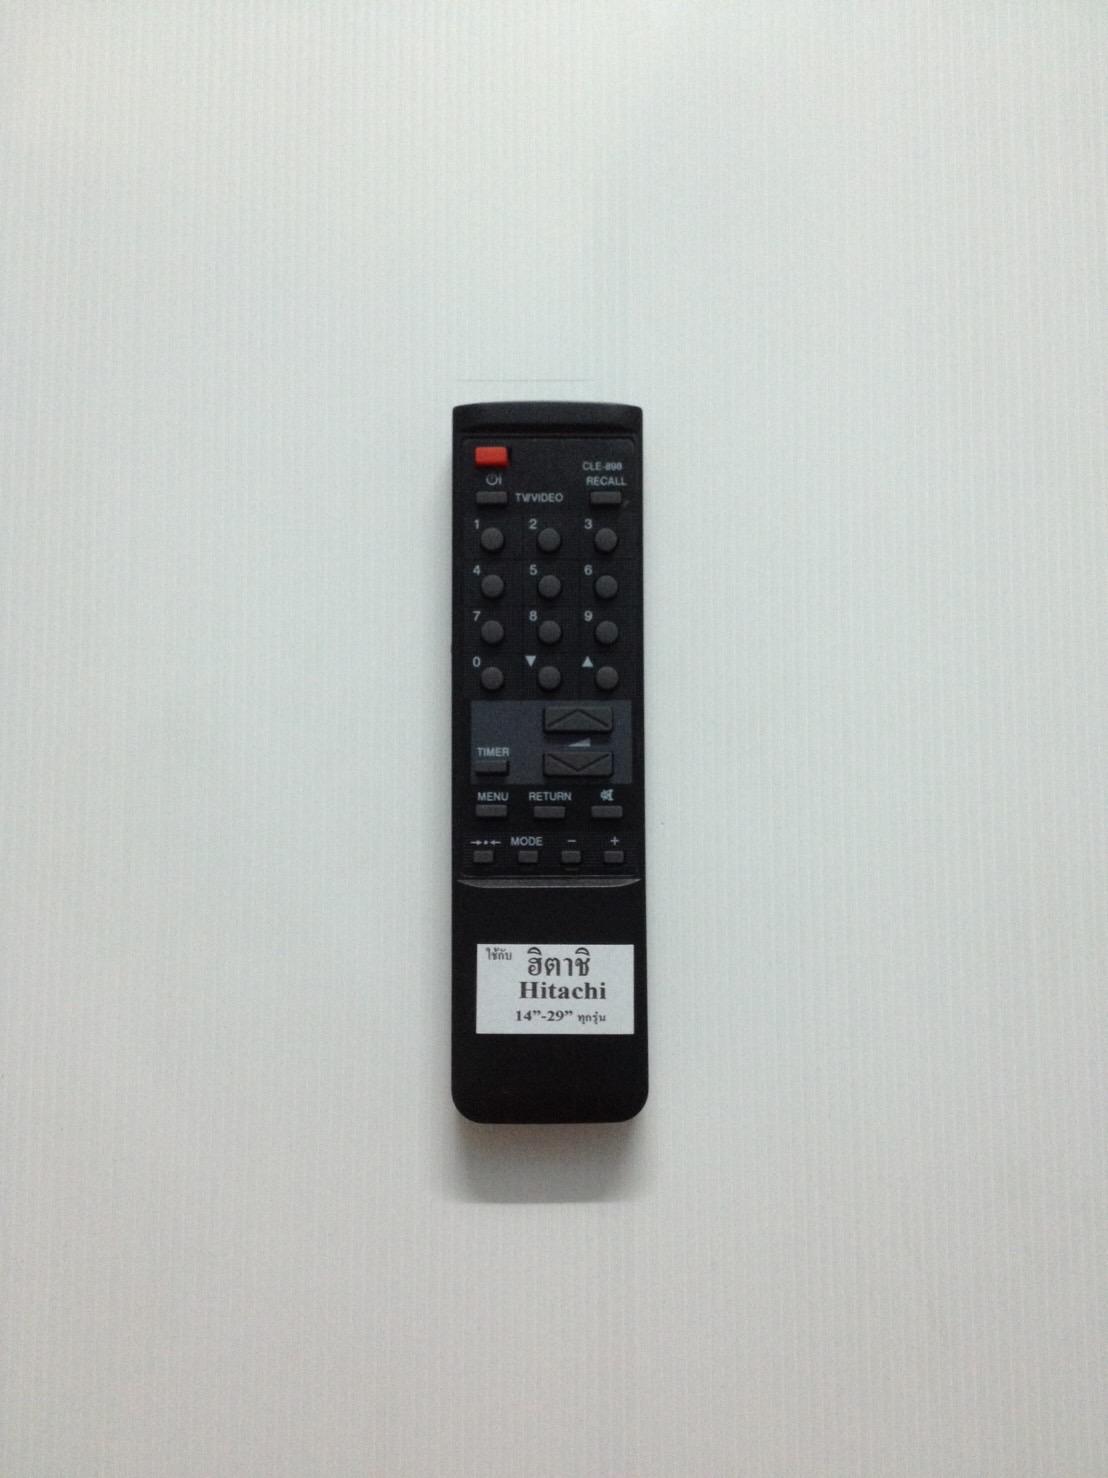 รีโมททีวีฮิตาชิ จอธรรมดา Hitachi CLE-898